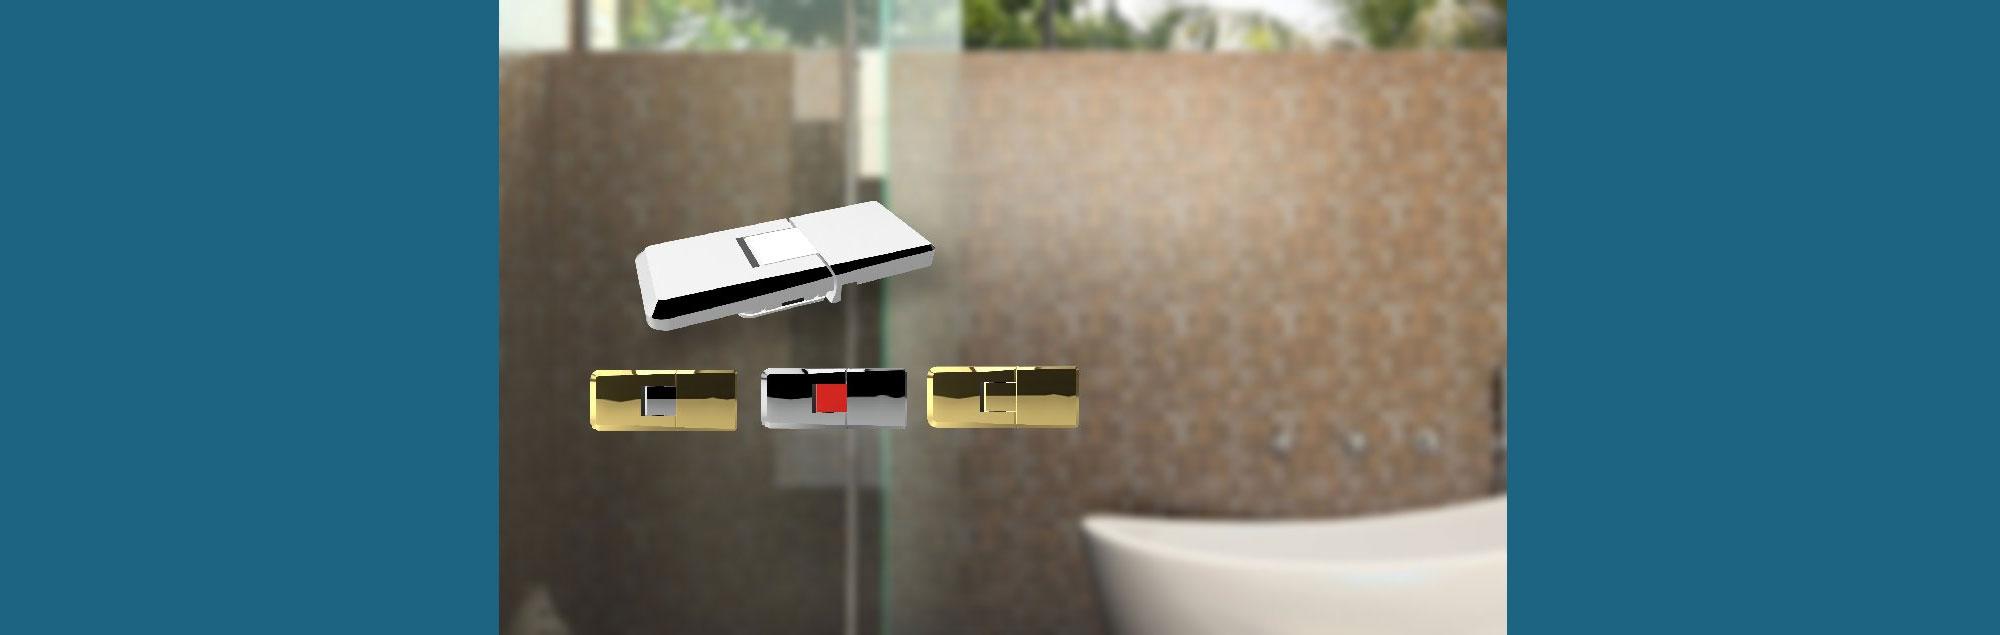 Planung und Produktion Türbänder für Glastüren  dusche